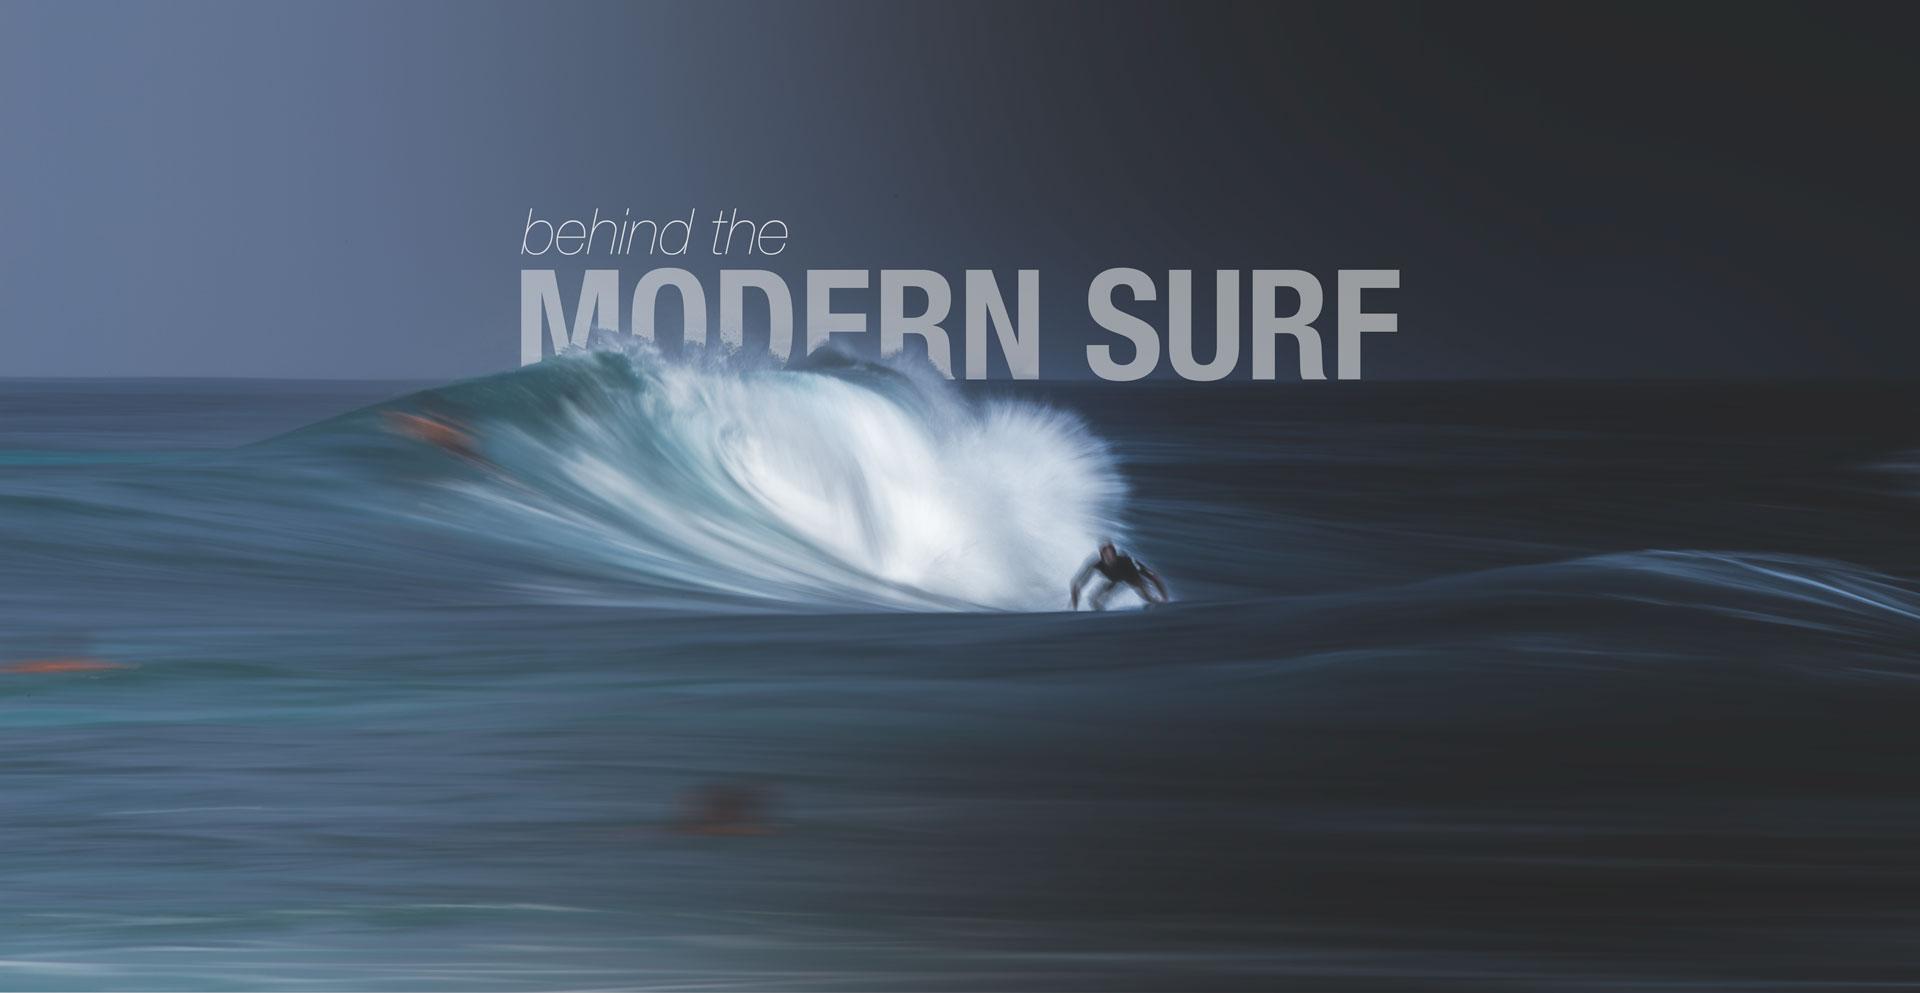 Modern_Surf_Adobe